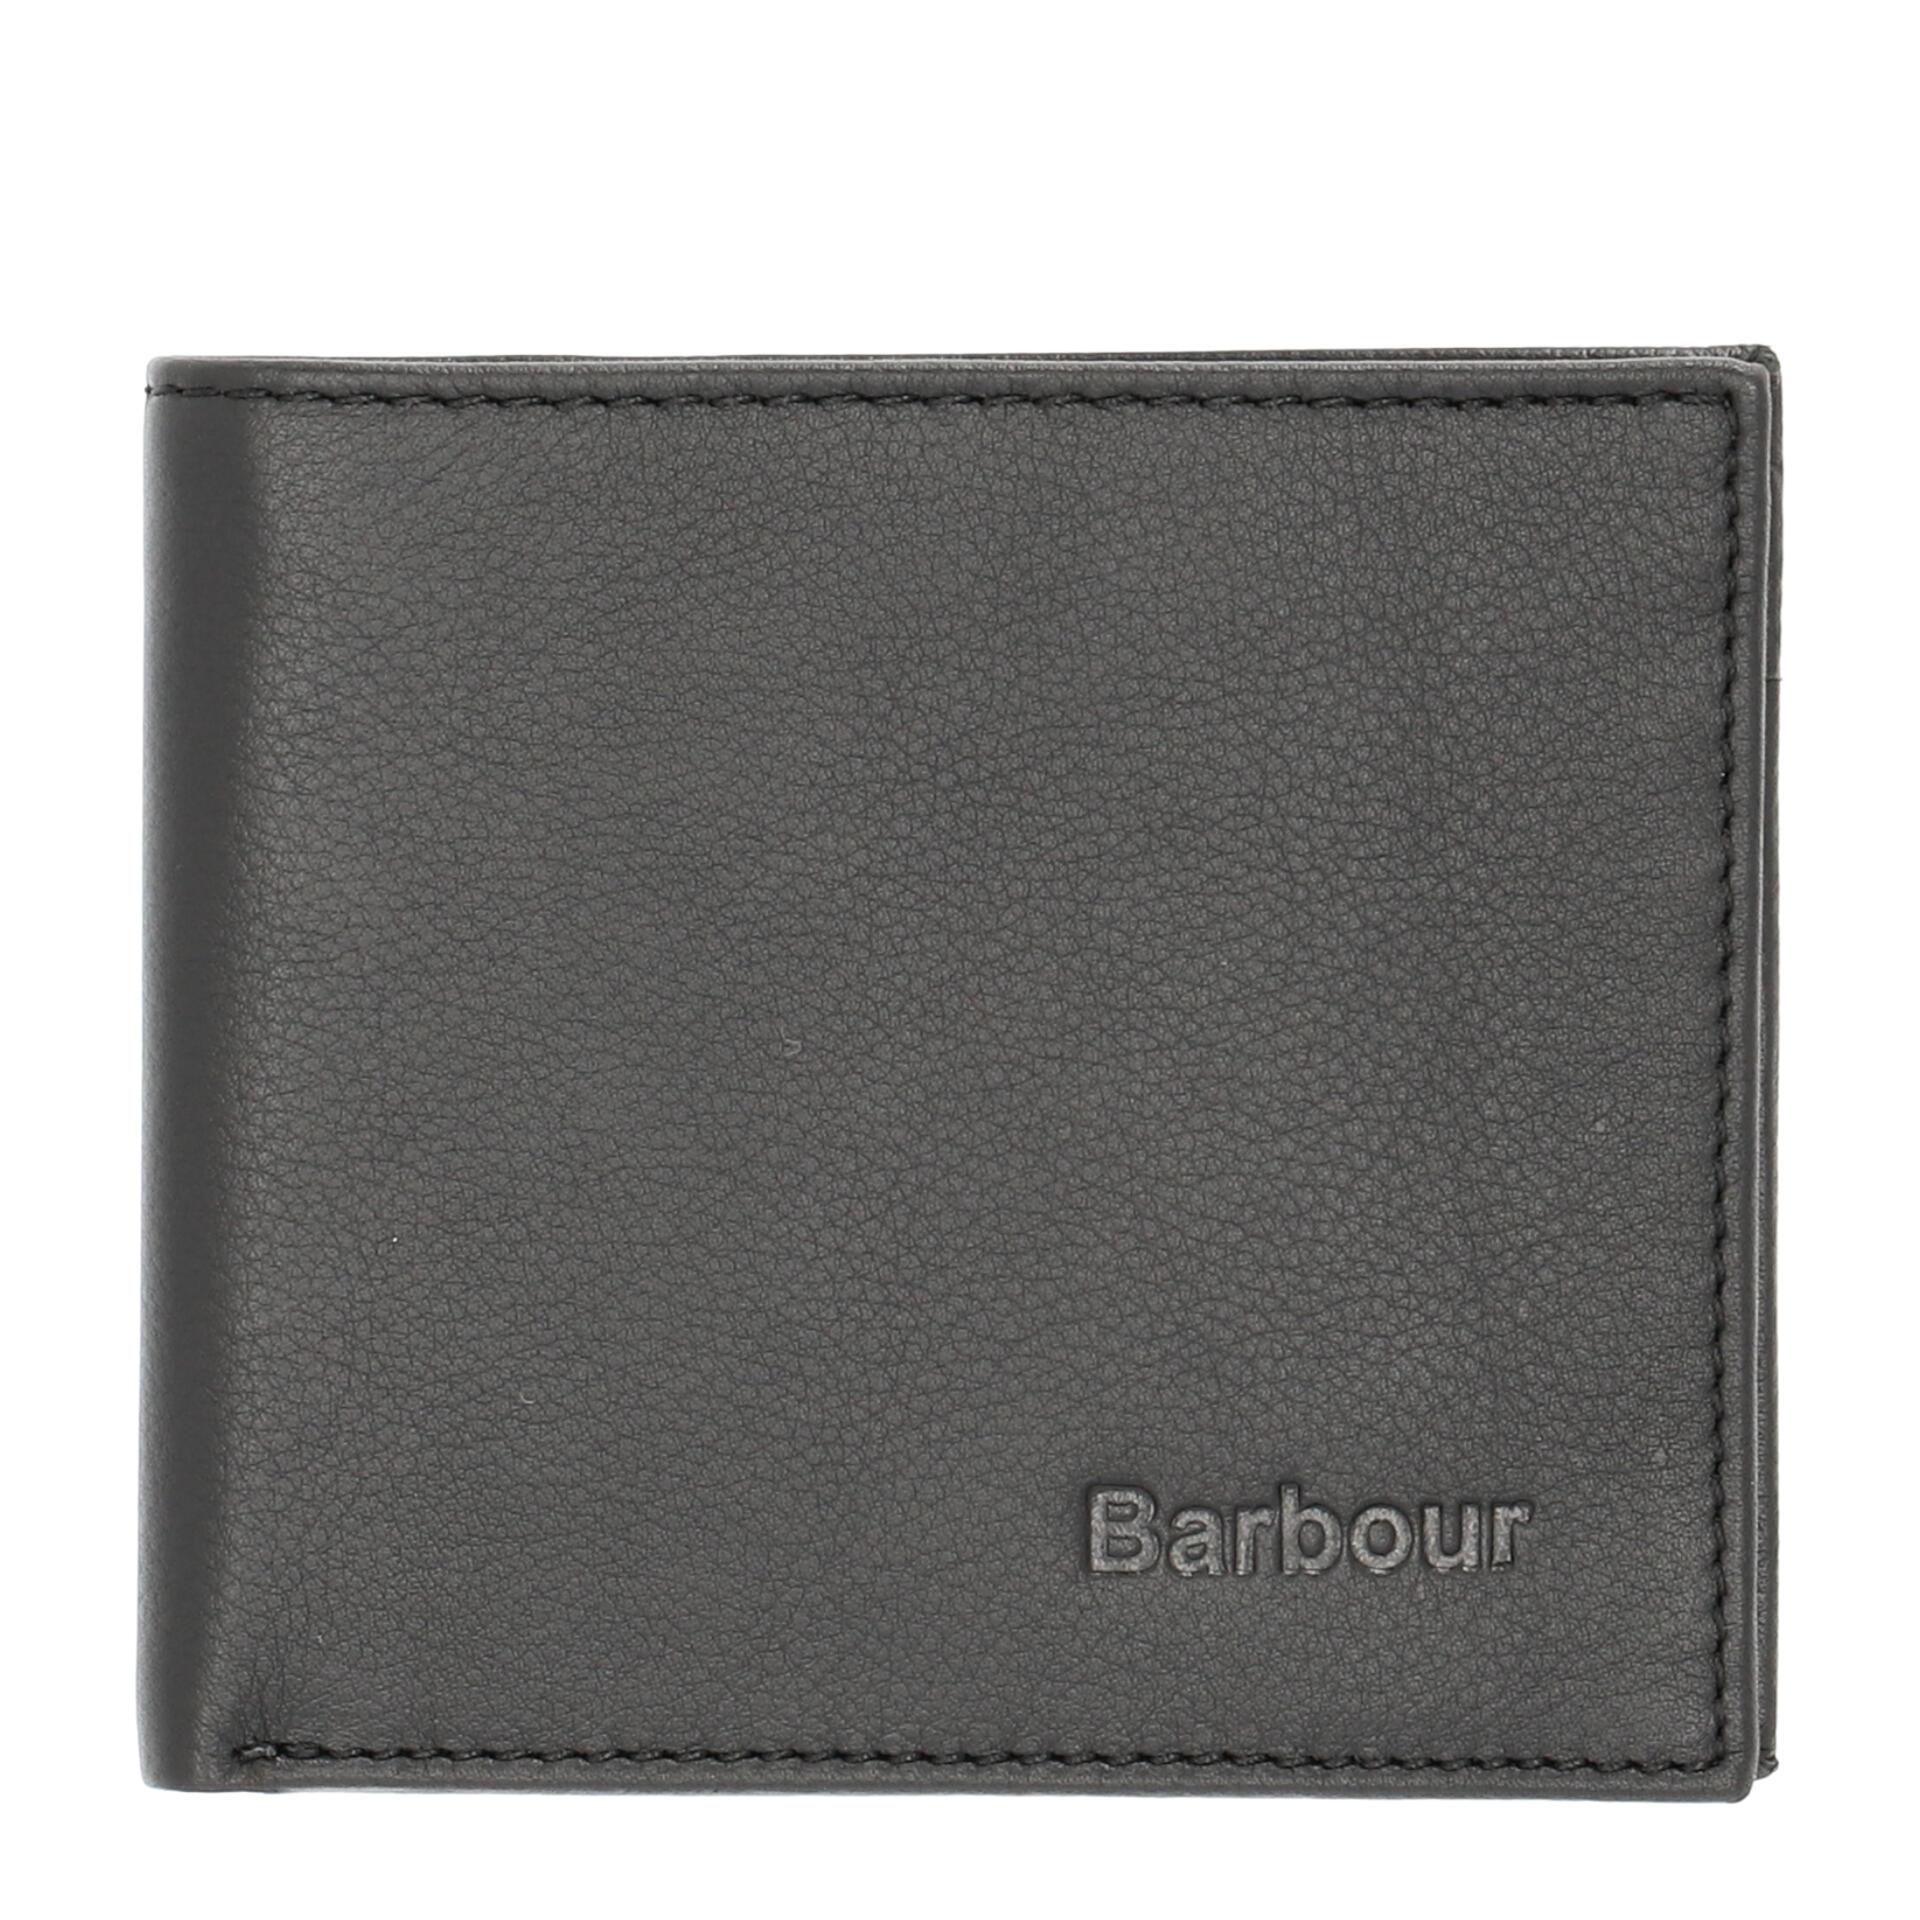 Barbour Colwell Herren Geldbörse Black/Seaweed Tartan